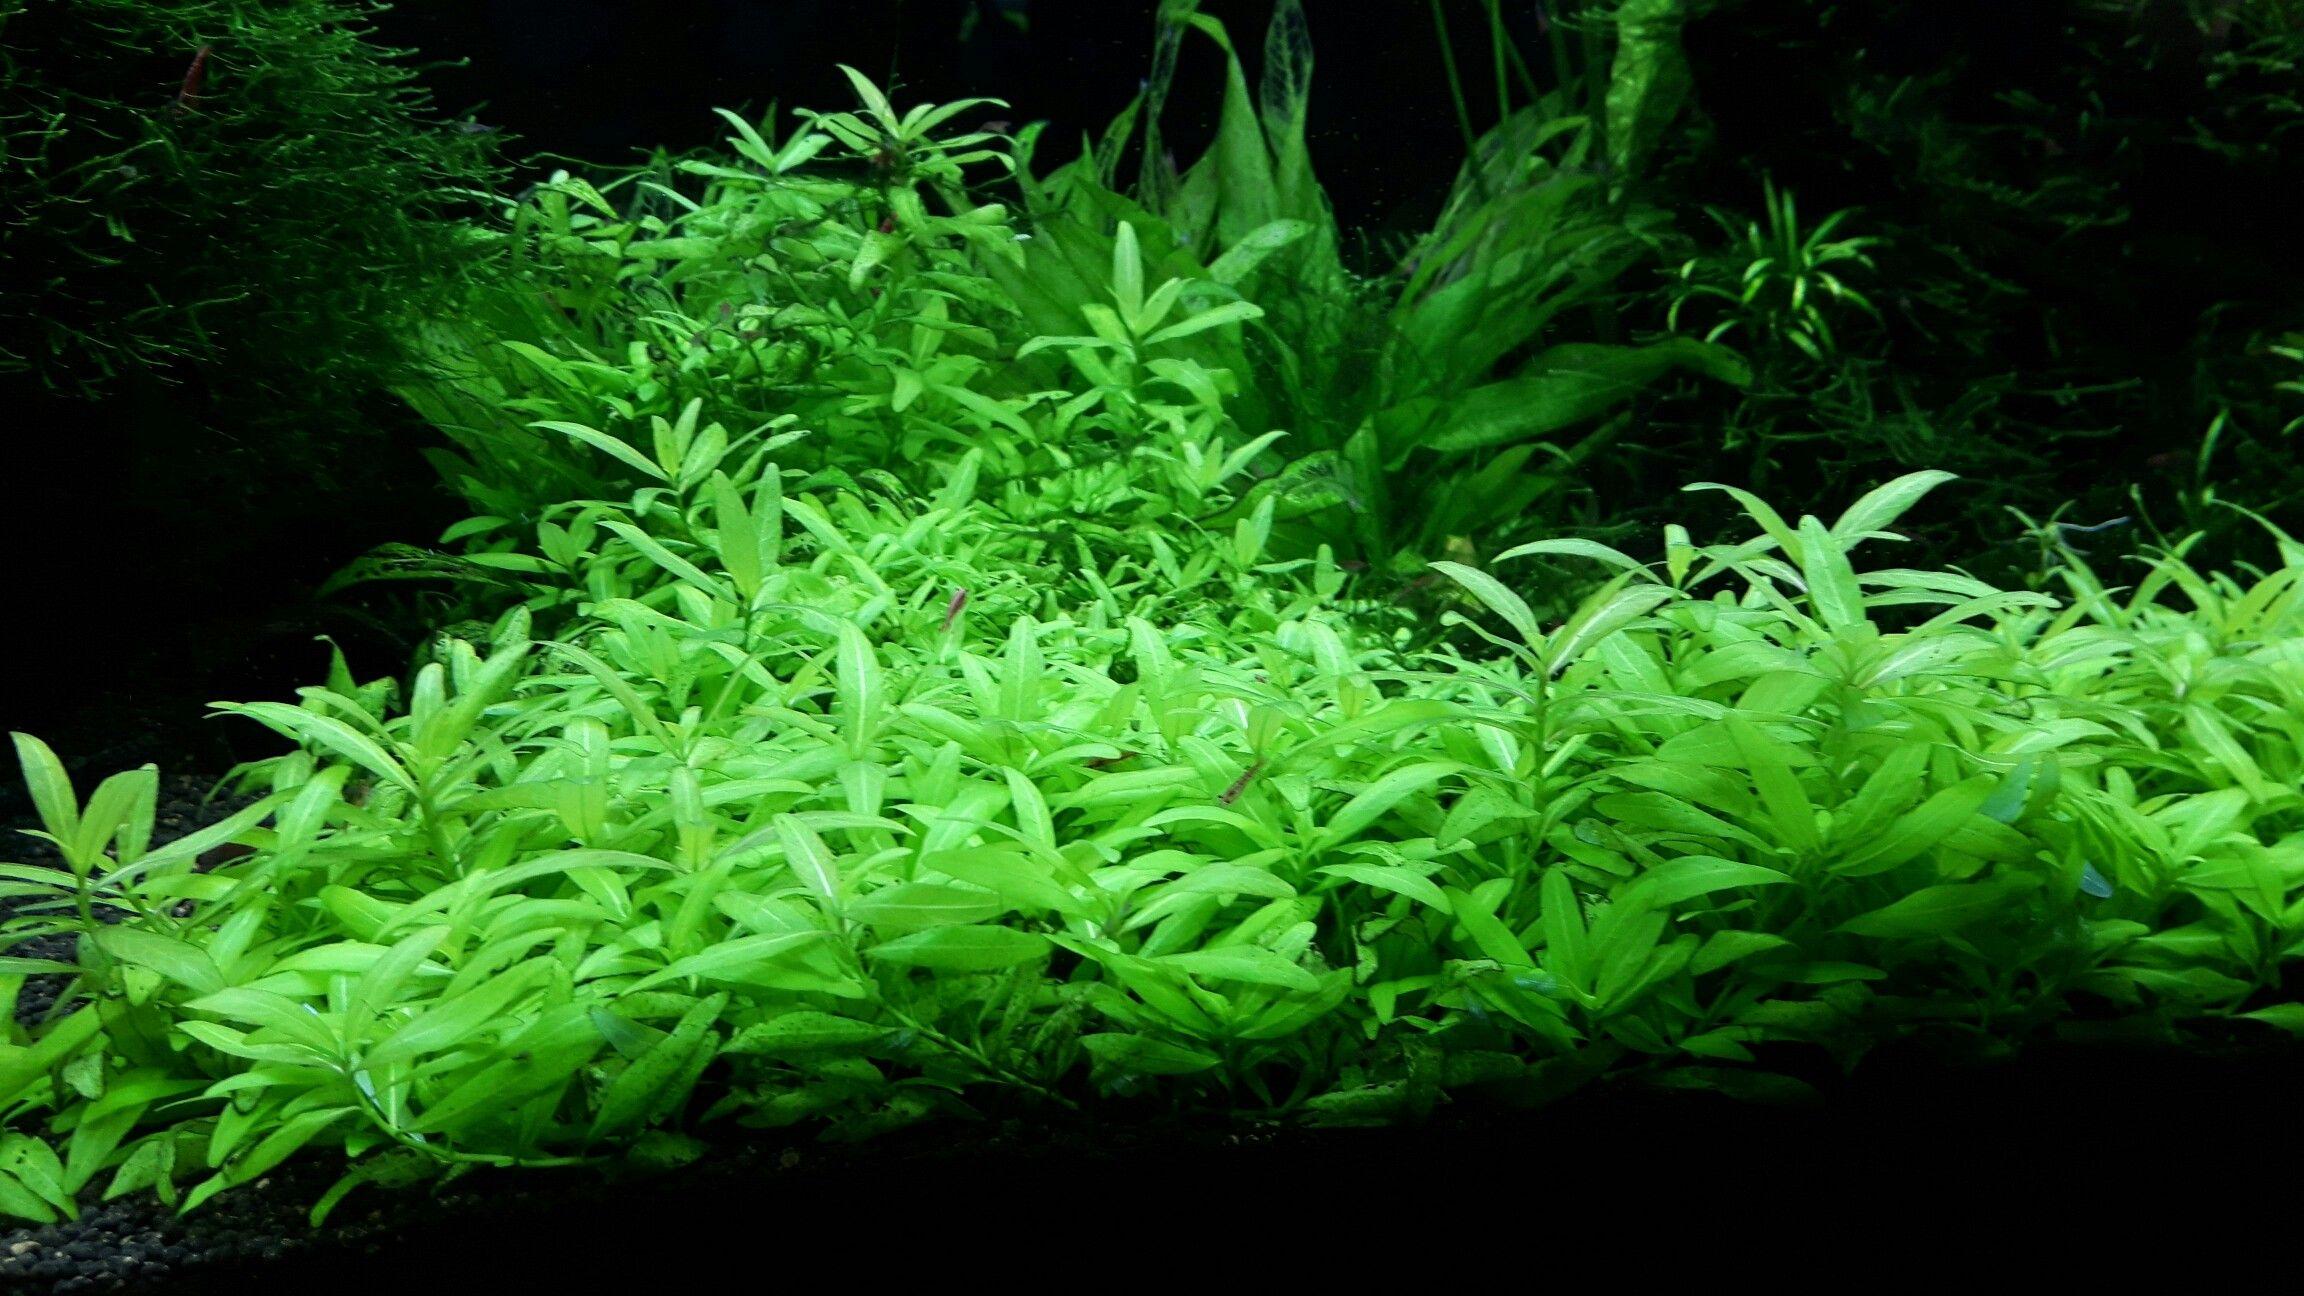 hornblatt hornkraut ceratophyllum demersum algenmittel algenbekaempfung aquarium ohne chemie Aquarium Pinterest